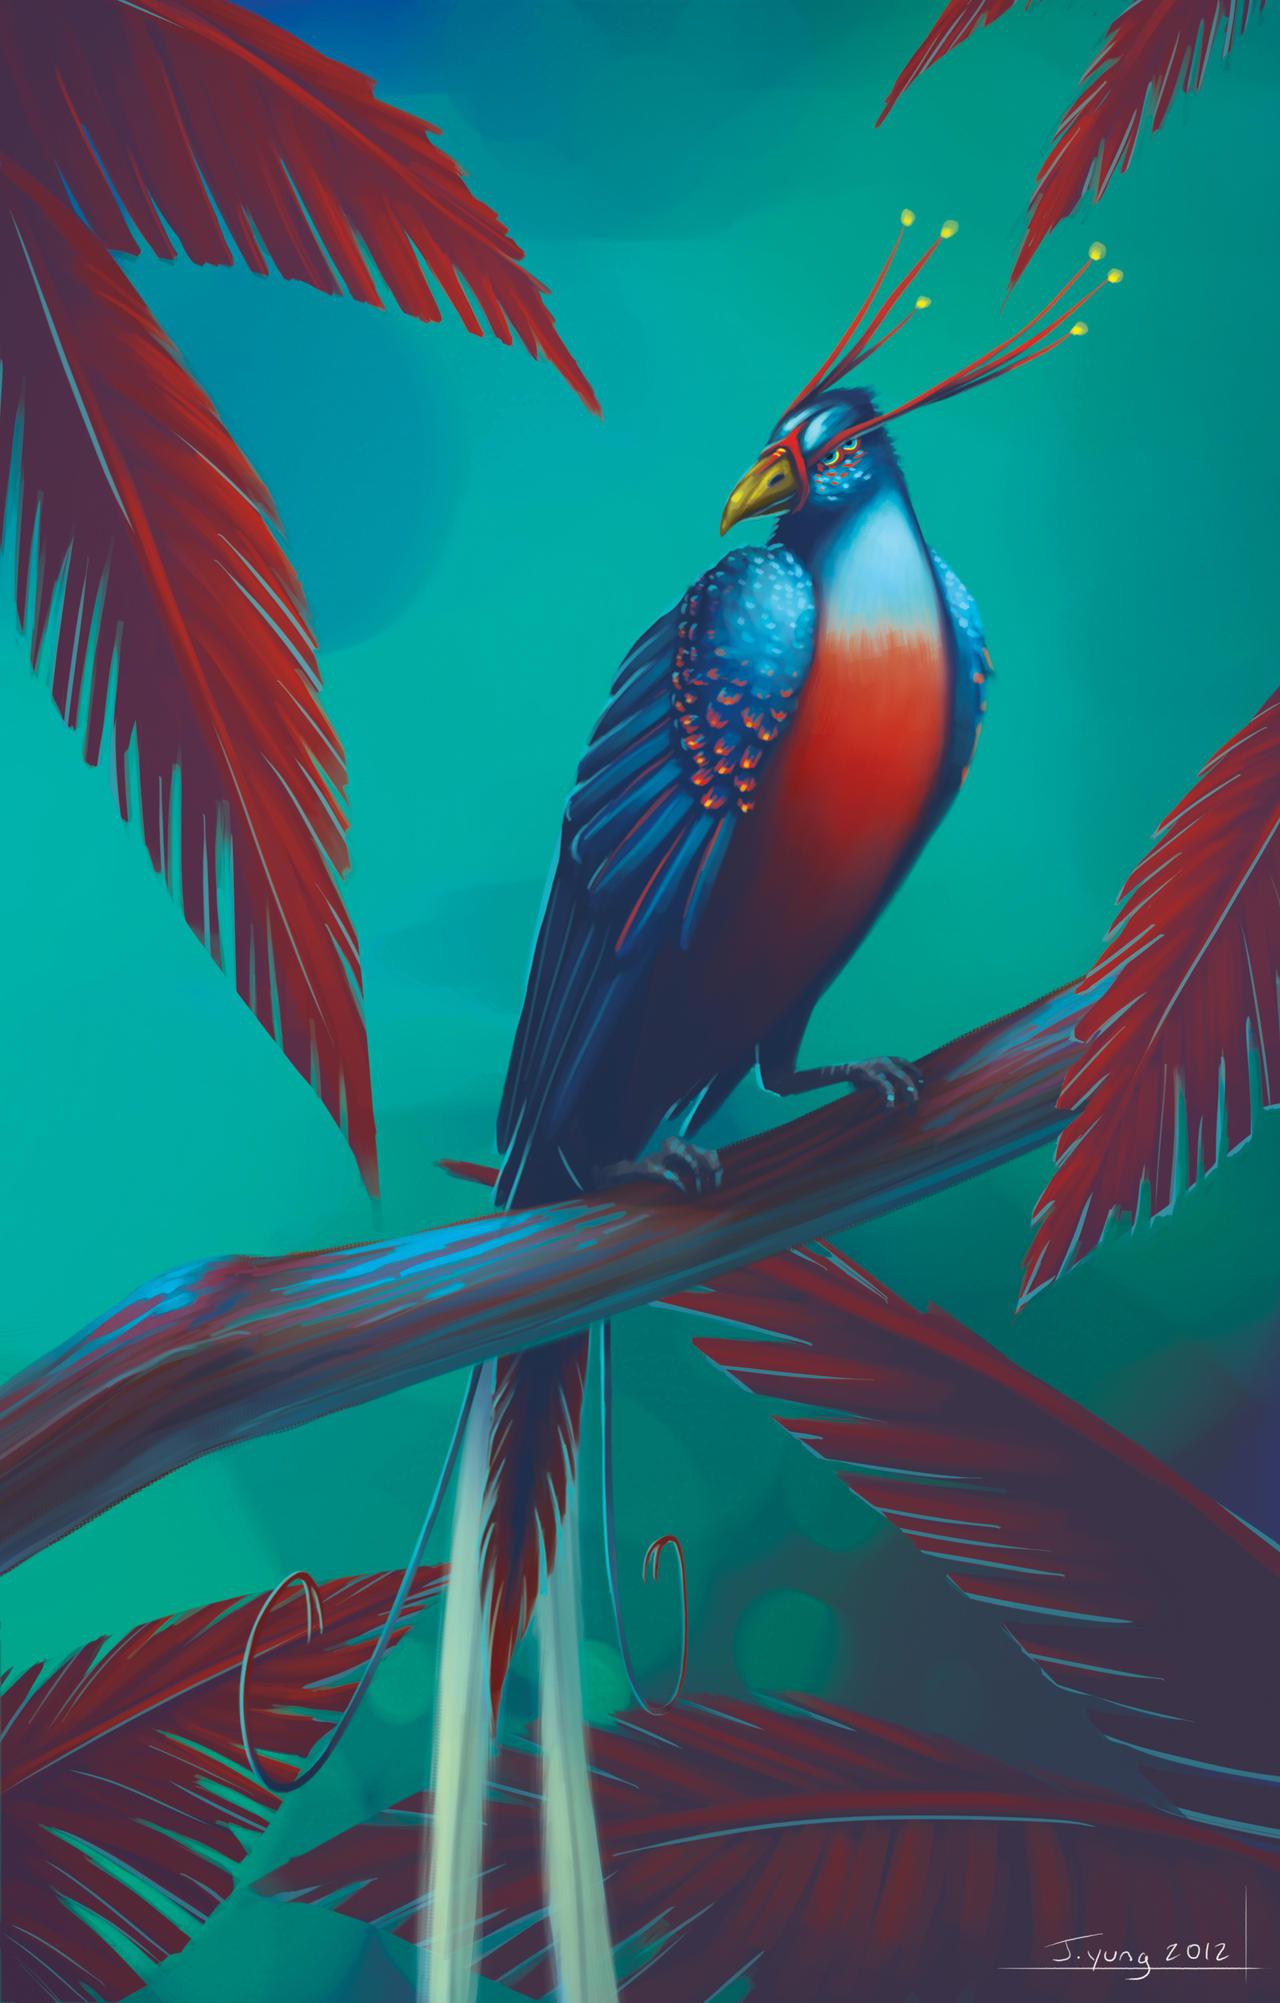 Rsultats de recherche dimages pour bird of paradise fantasy